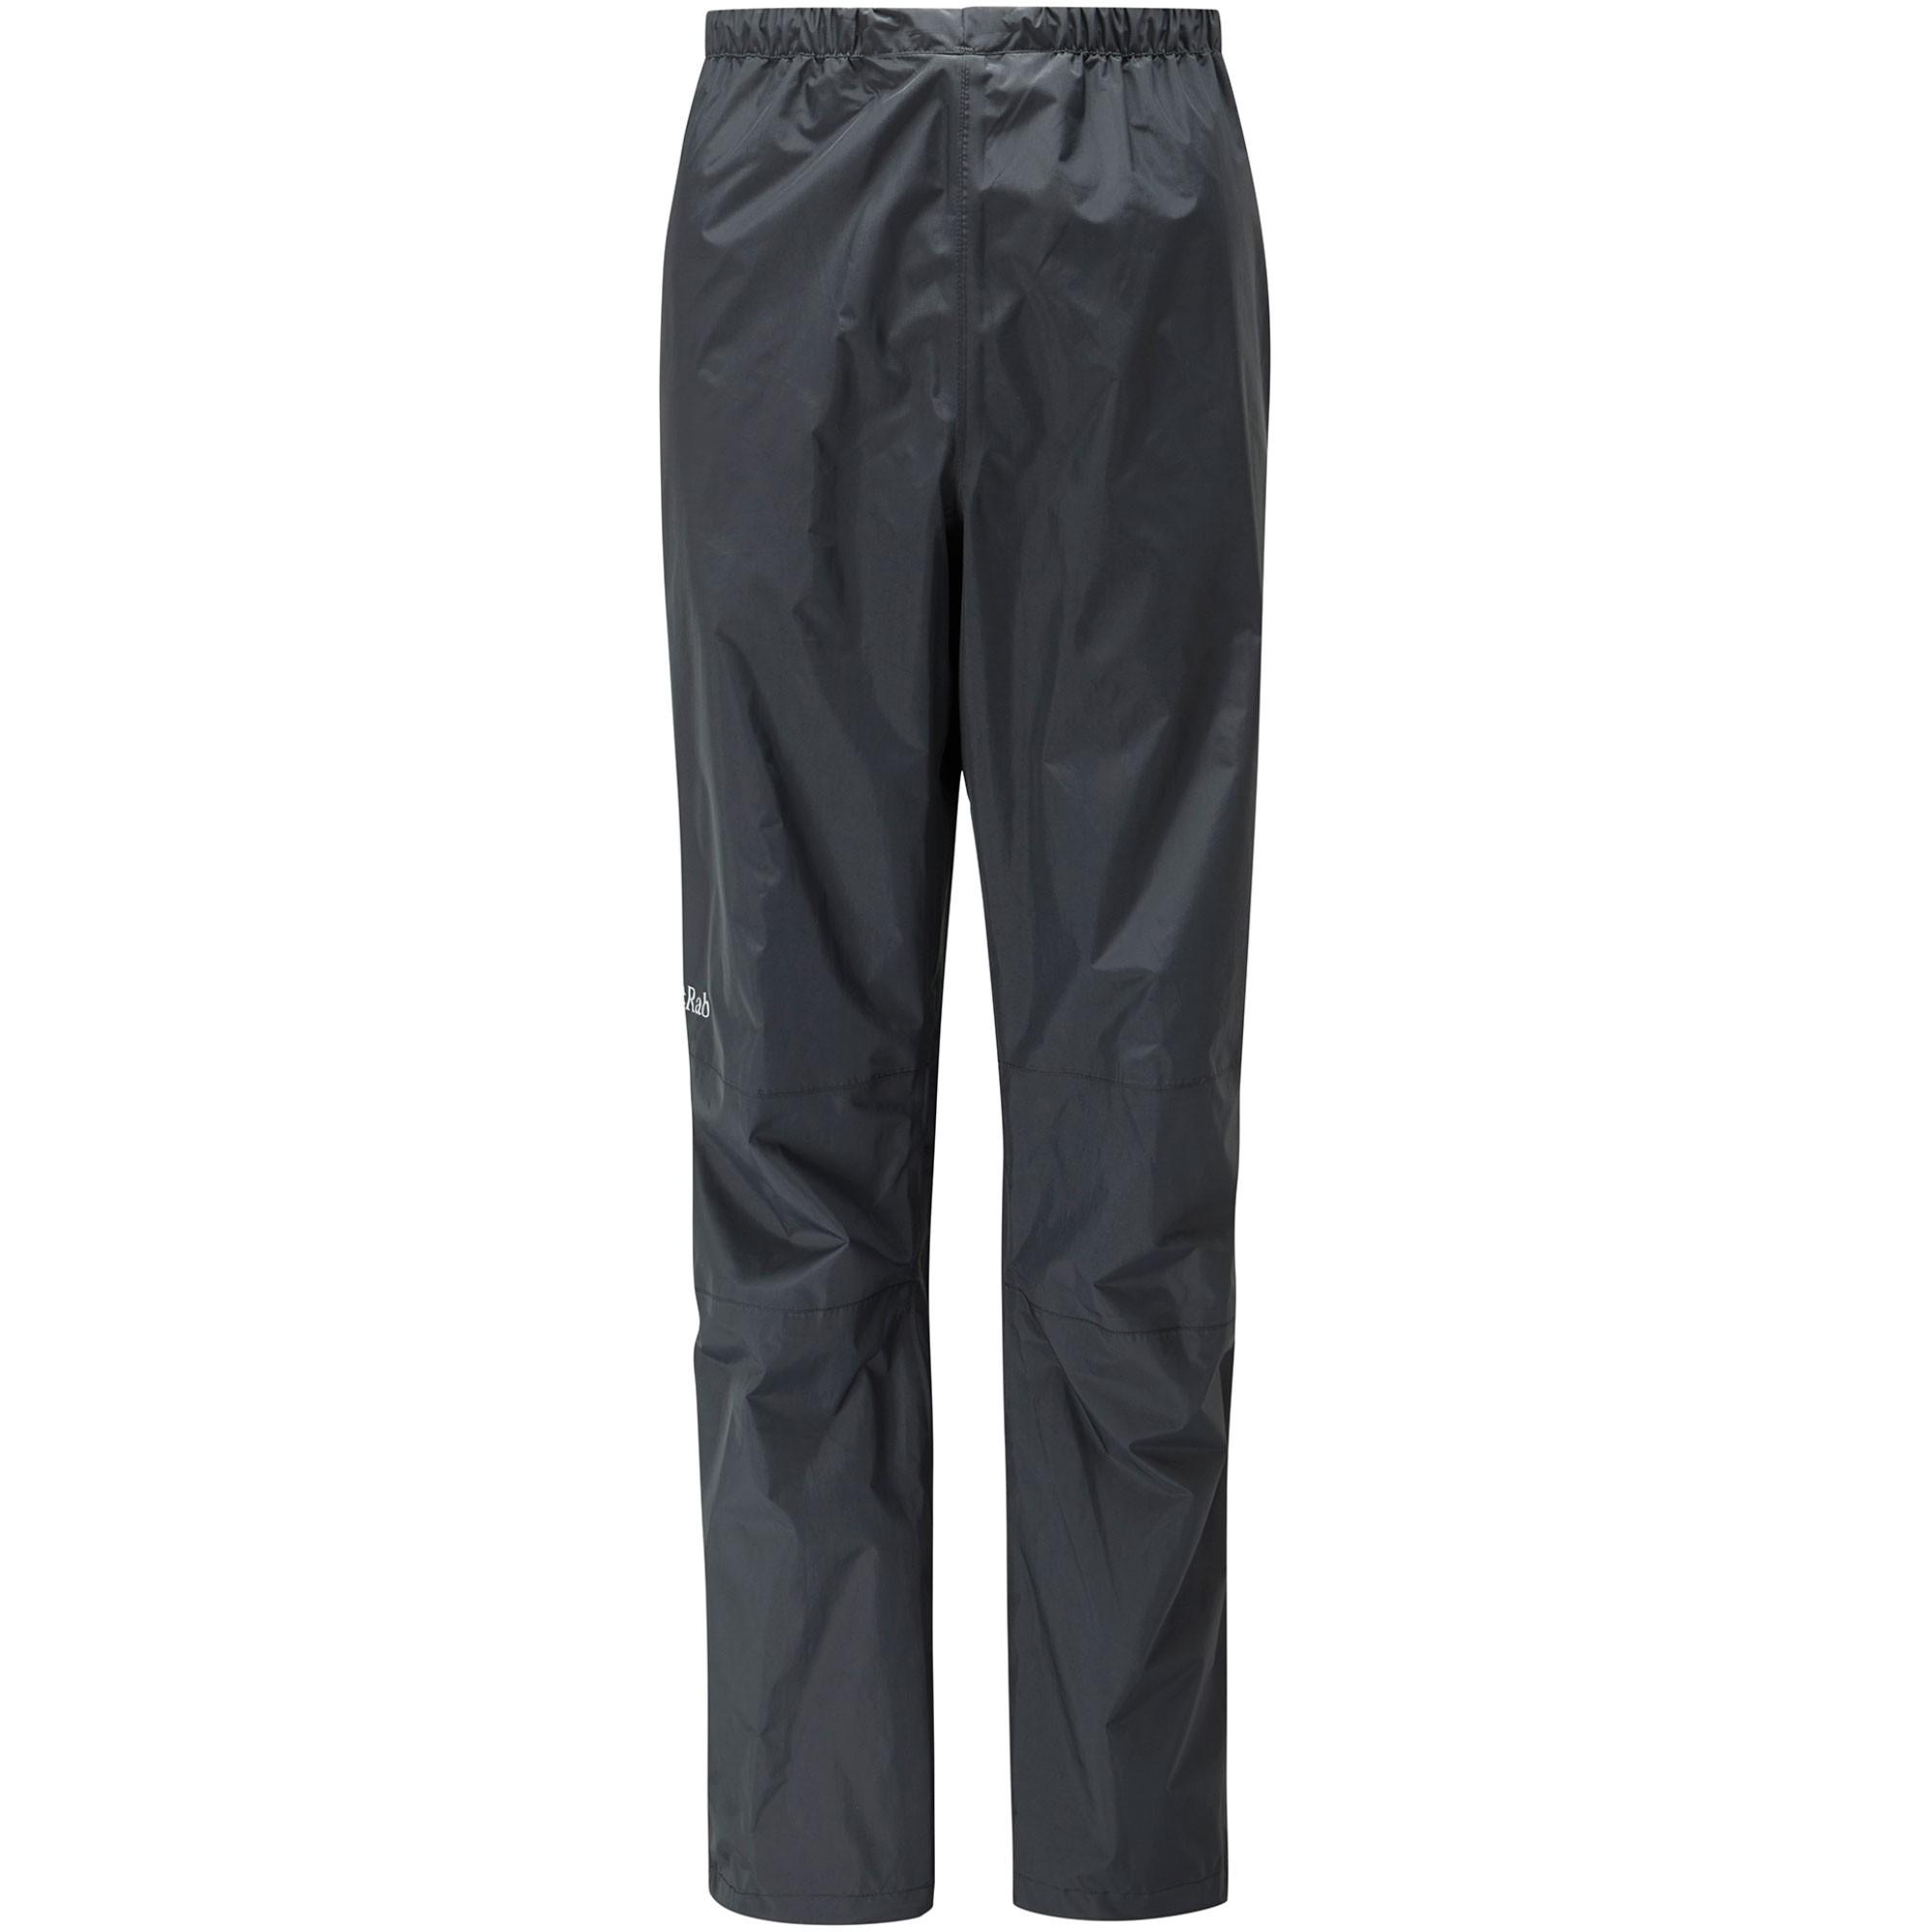 Rab Downpour Waterproof Pants - Black